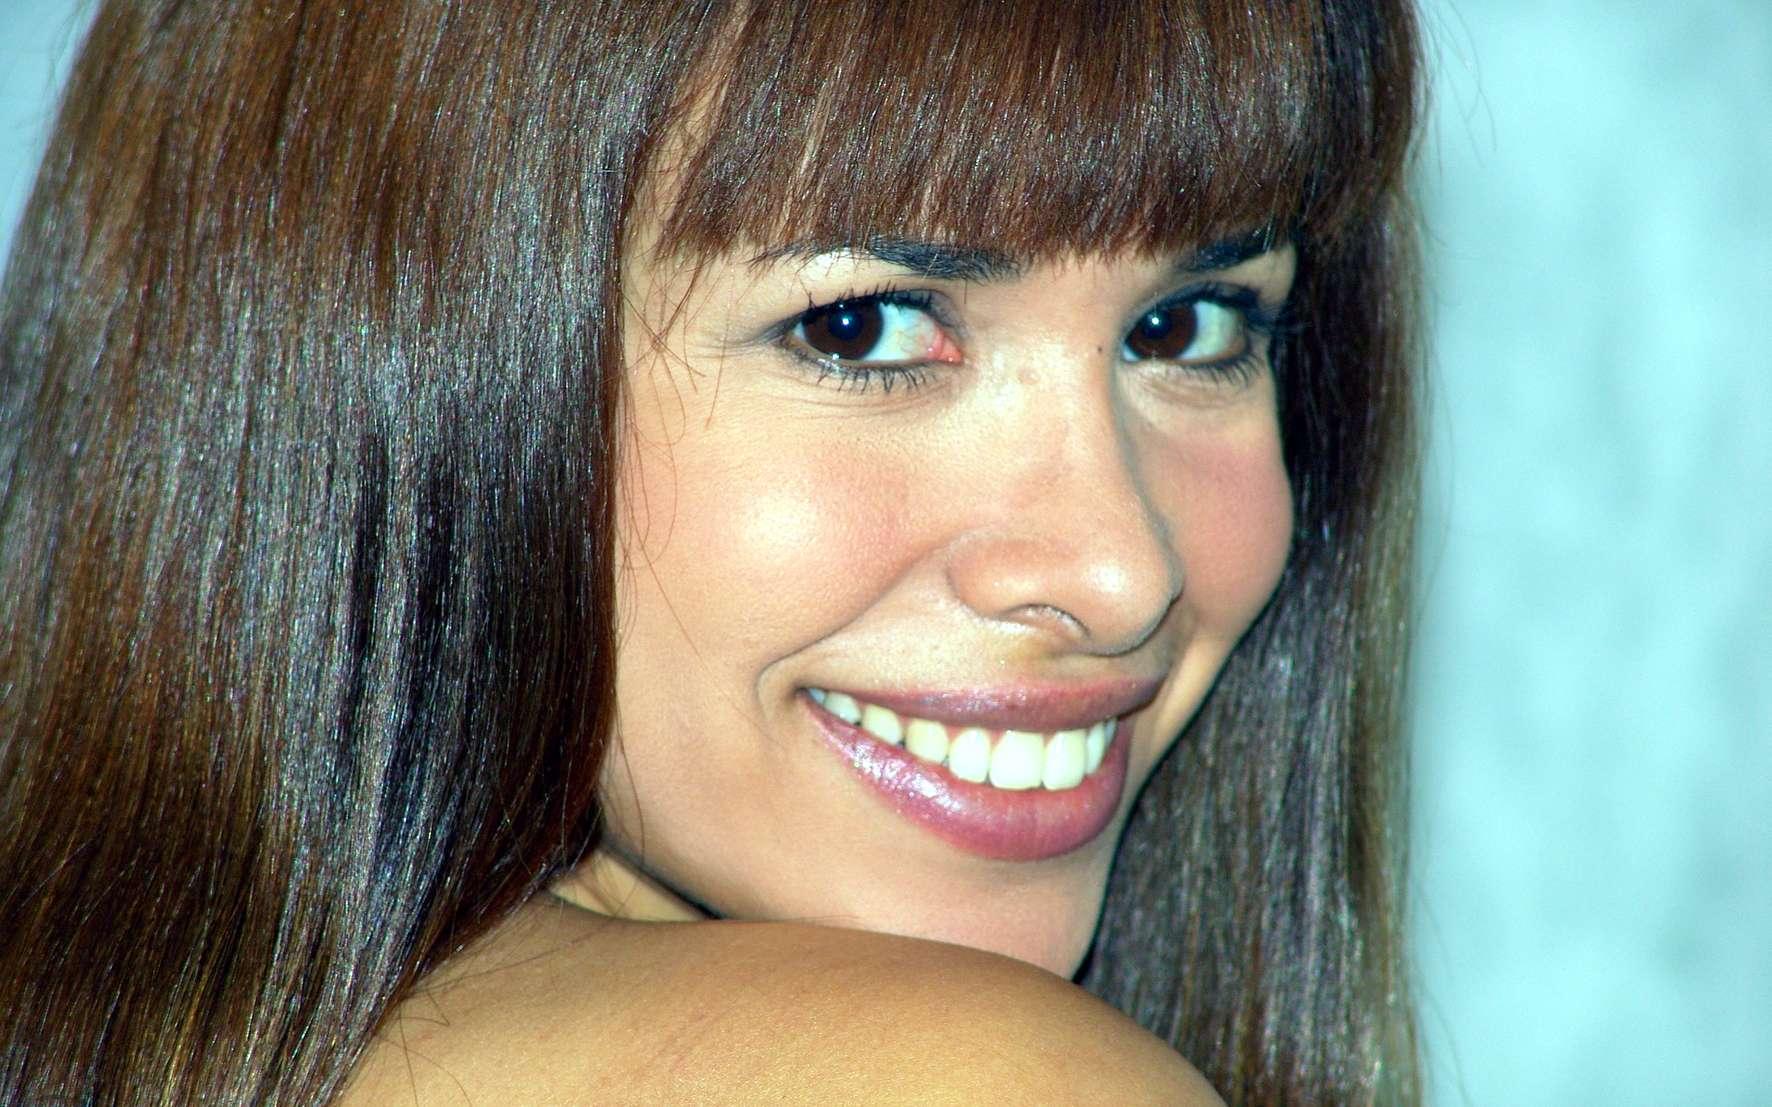 Pour garder un sourire éclatant, les sodas, sucrés ou light, ne sont pas conseillés. Une hygiène buccodentaire saine est nécessaire pour éviter d'y laisser des dents. © Sergio Savarese, Wikipédia, cc by sa 2.0